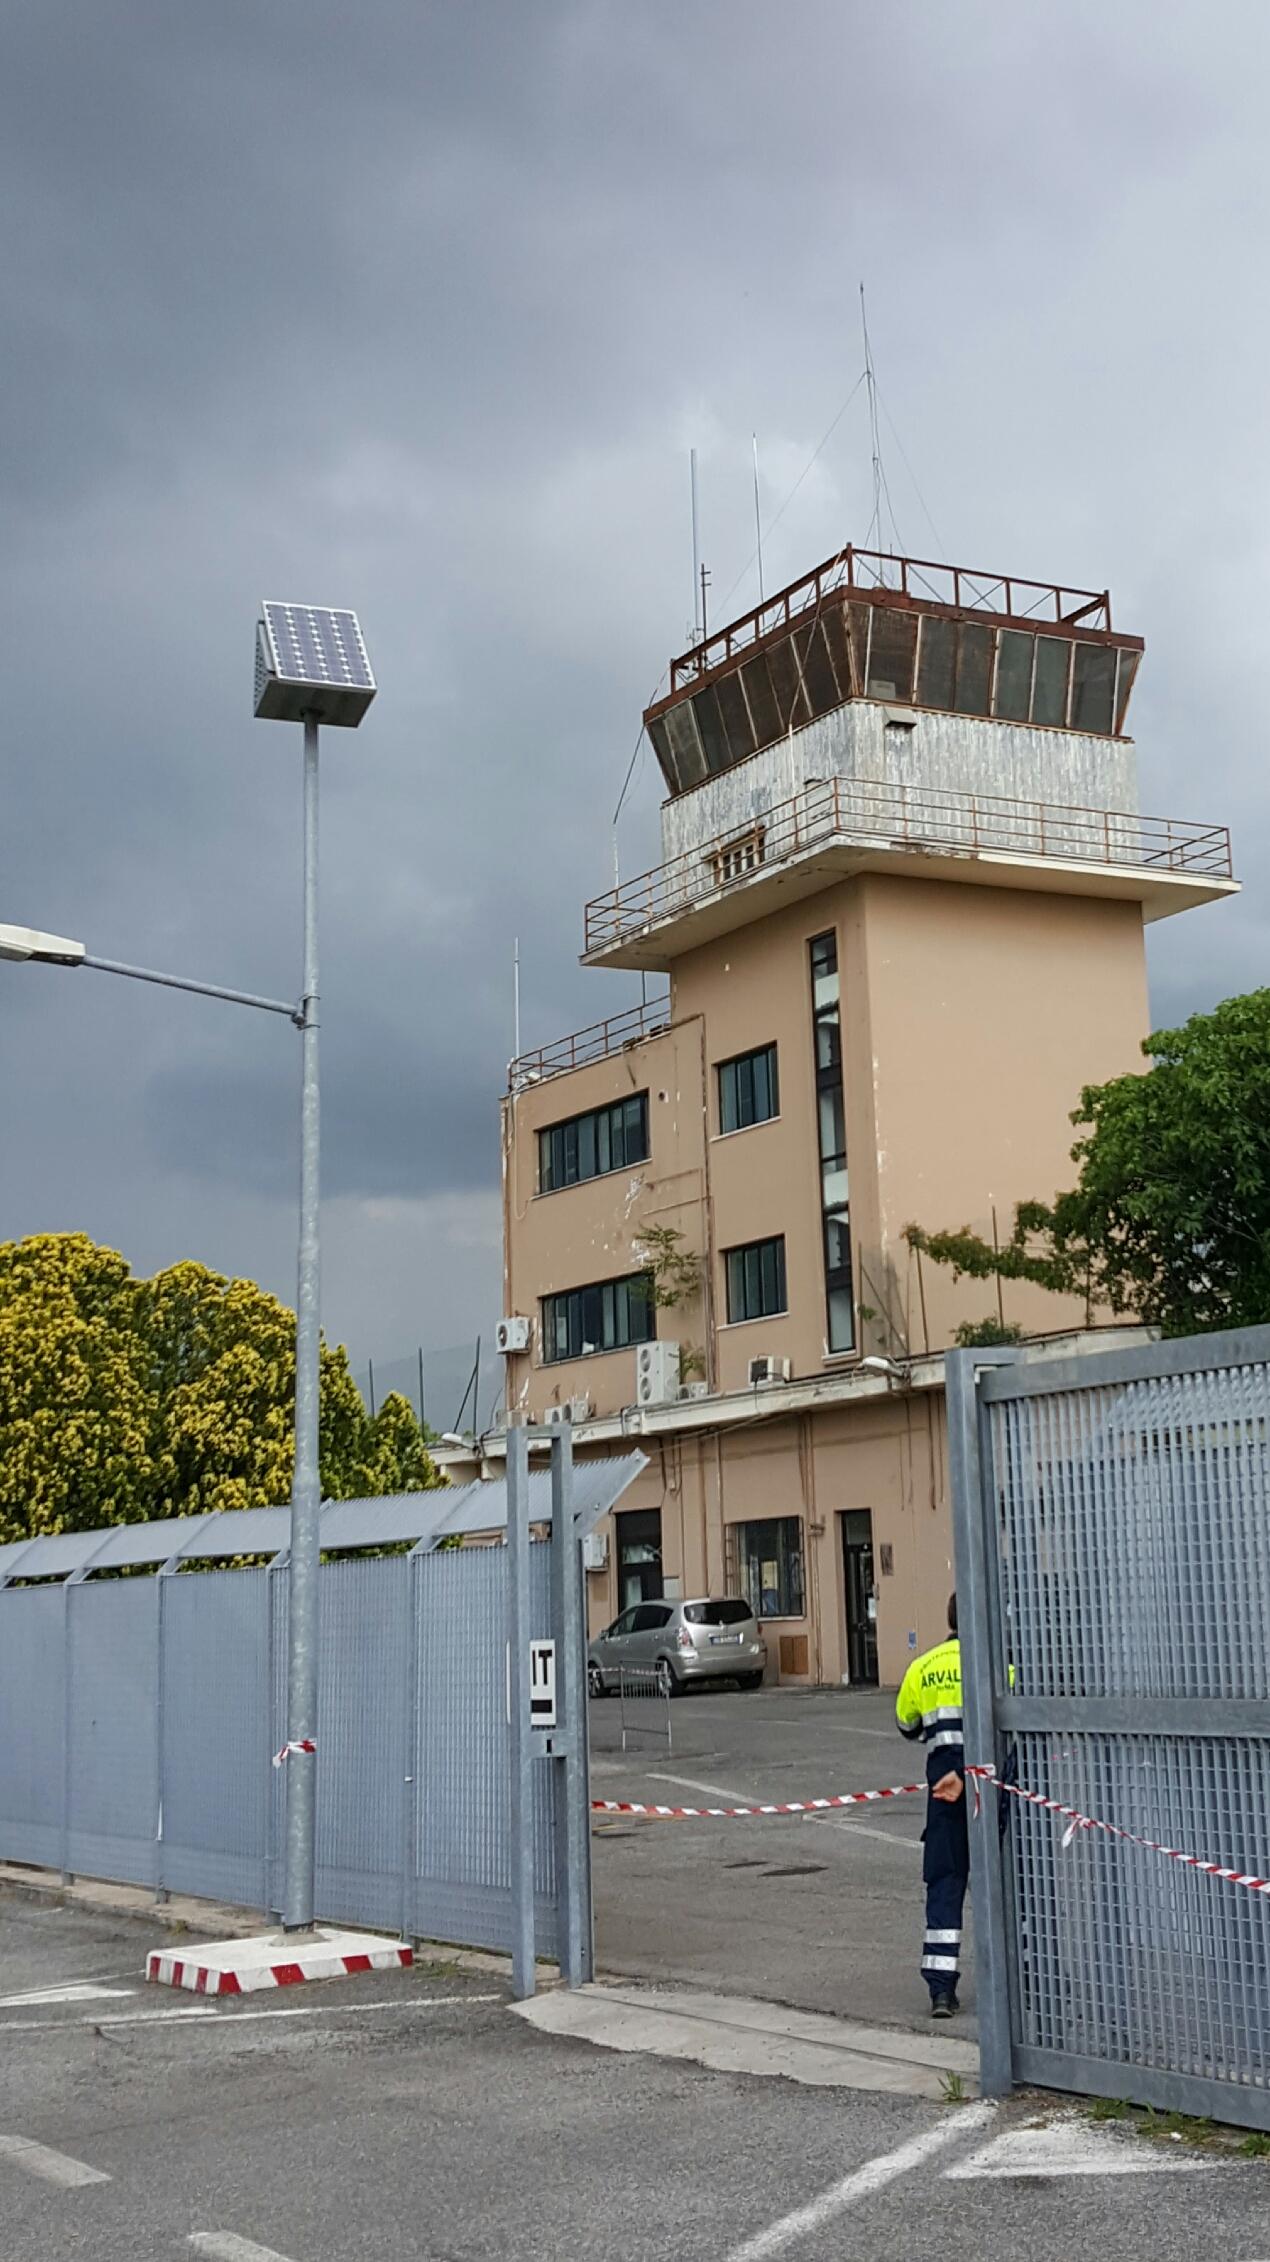 Aeroporto Urbe : File aeroporto di roma urbe vecchia torre di controllo eg